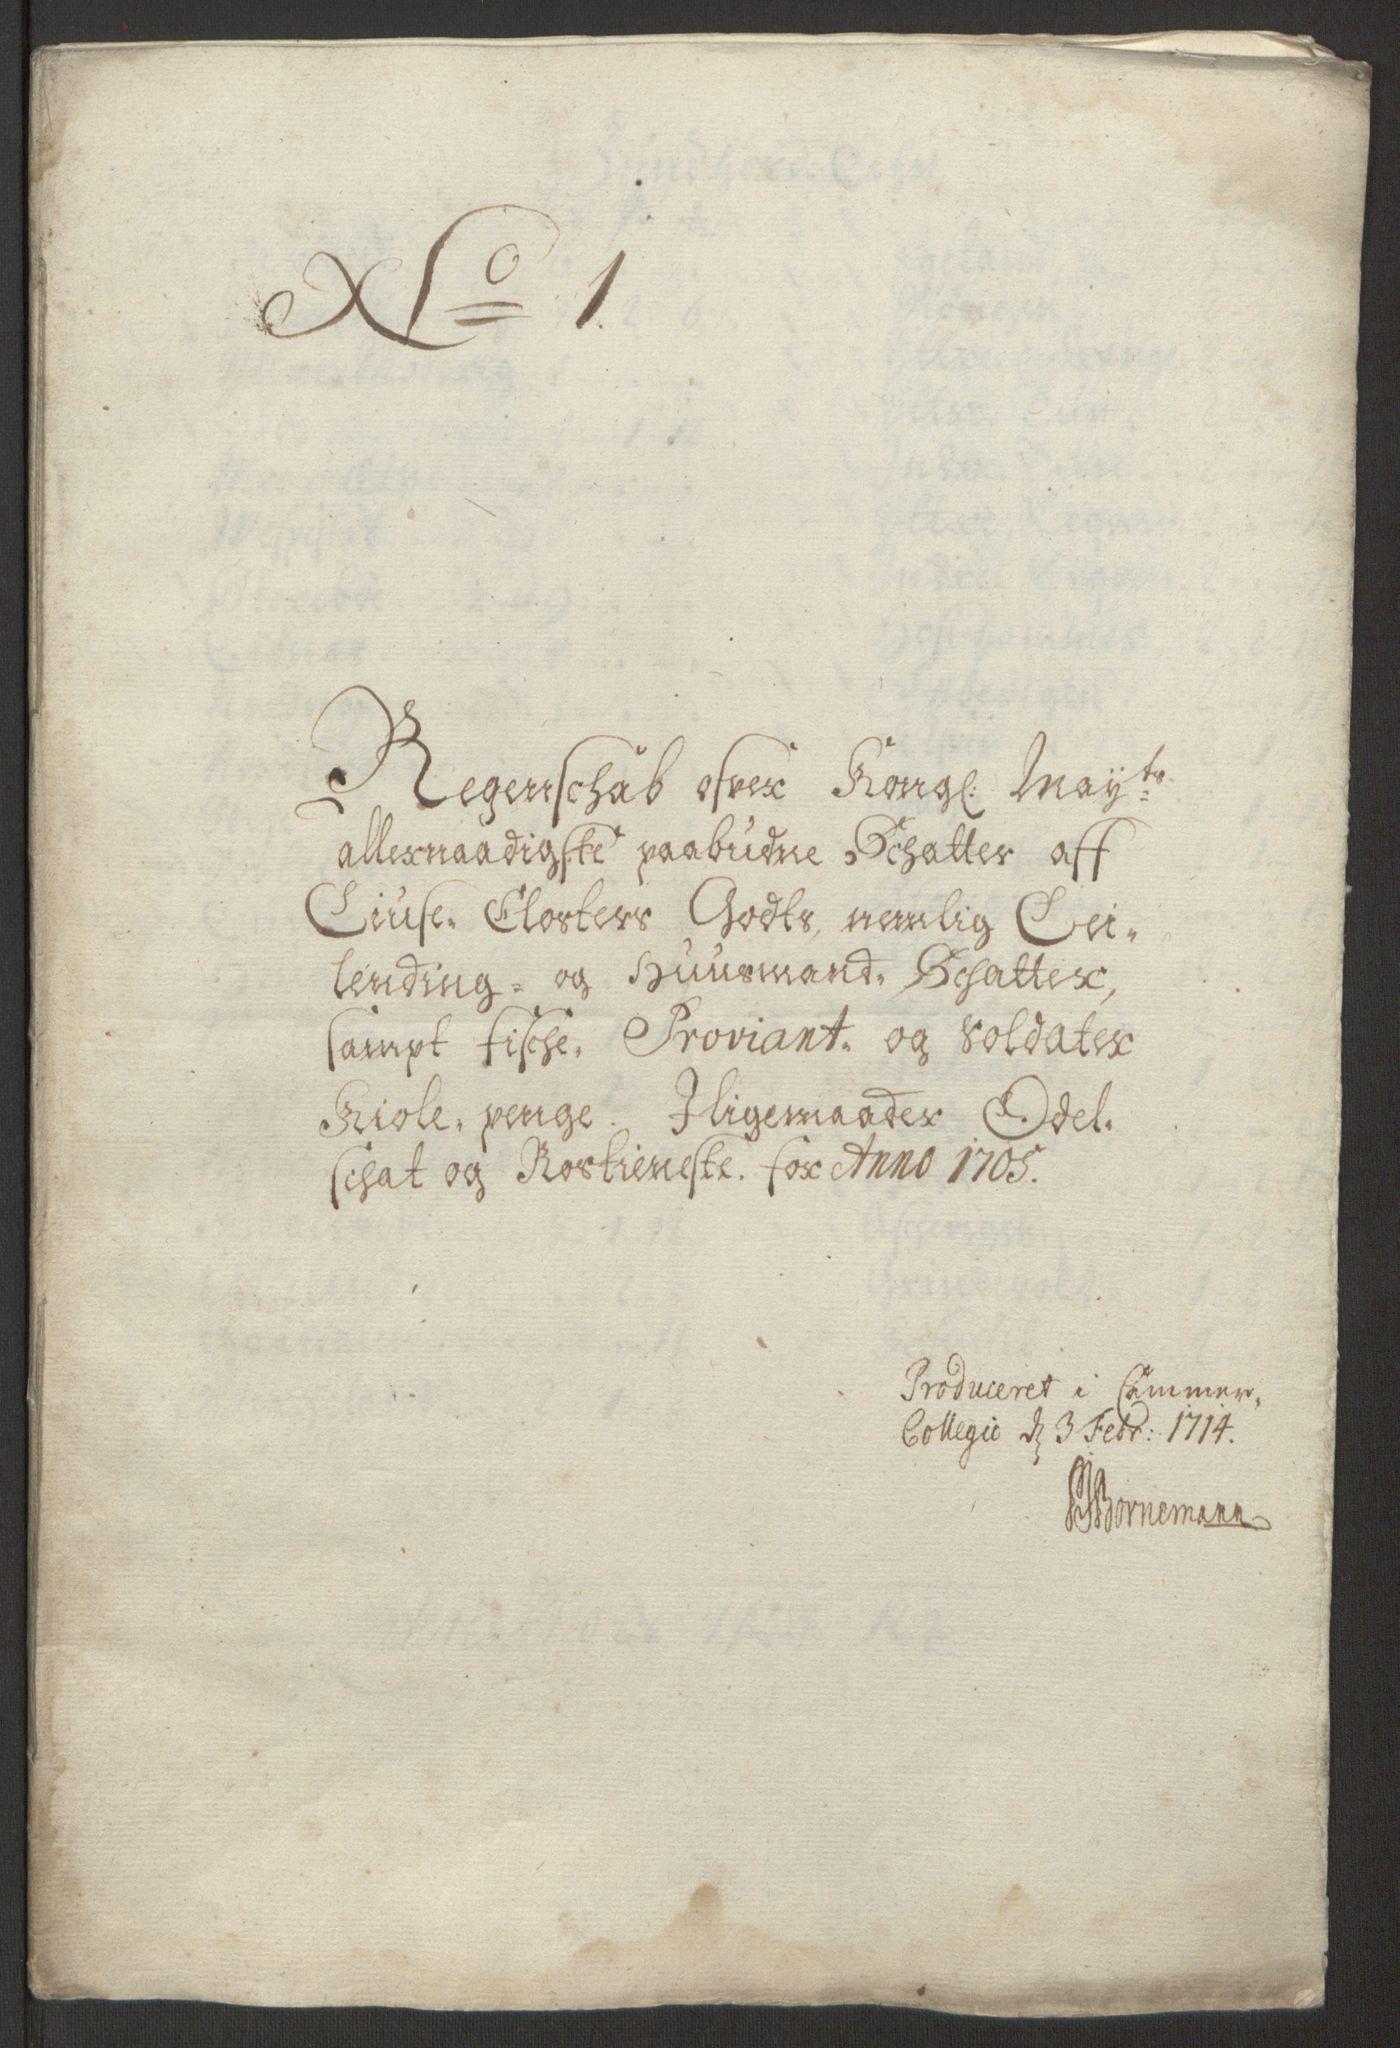 RA, Rentekammeret inntil 1814, Reviderte regnskaper, Fogderegnskap, R50/L3159: Fogderegnskap Lyse kloster, 1691-1709, s. 220